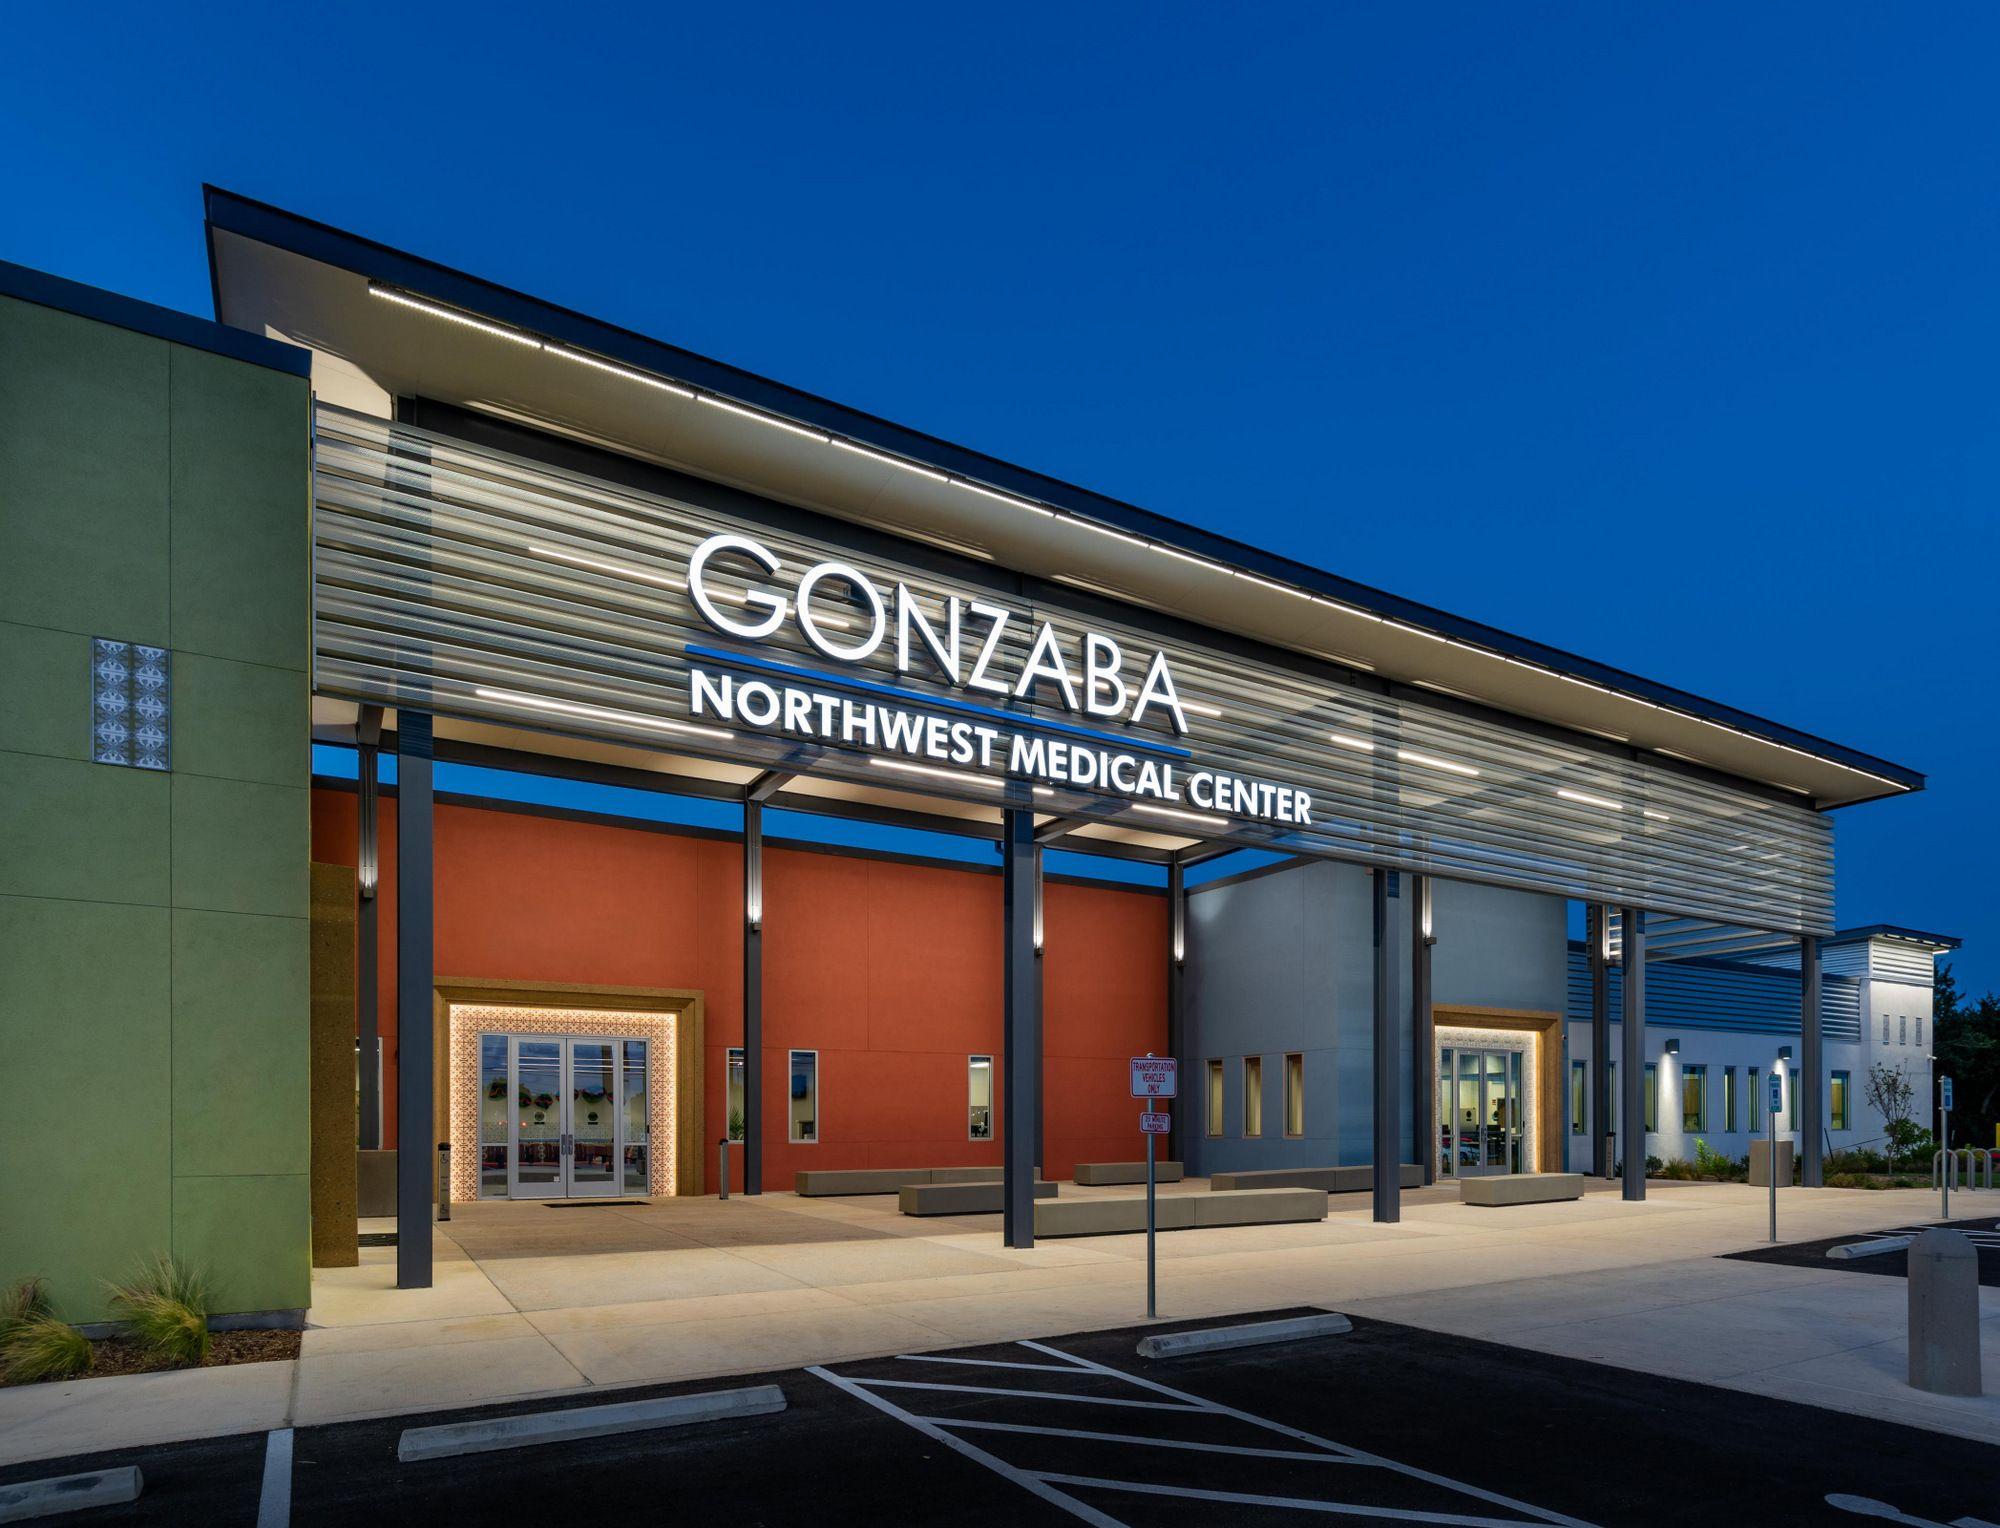 Gonzaba Medical Group Northwest Clinic Architect Architect Design Medical